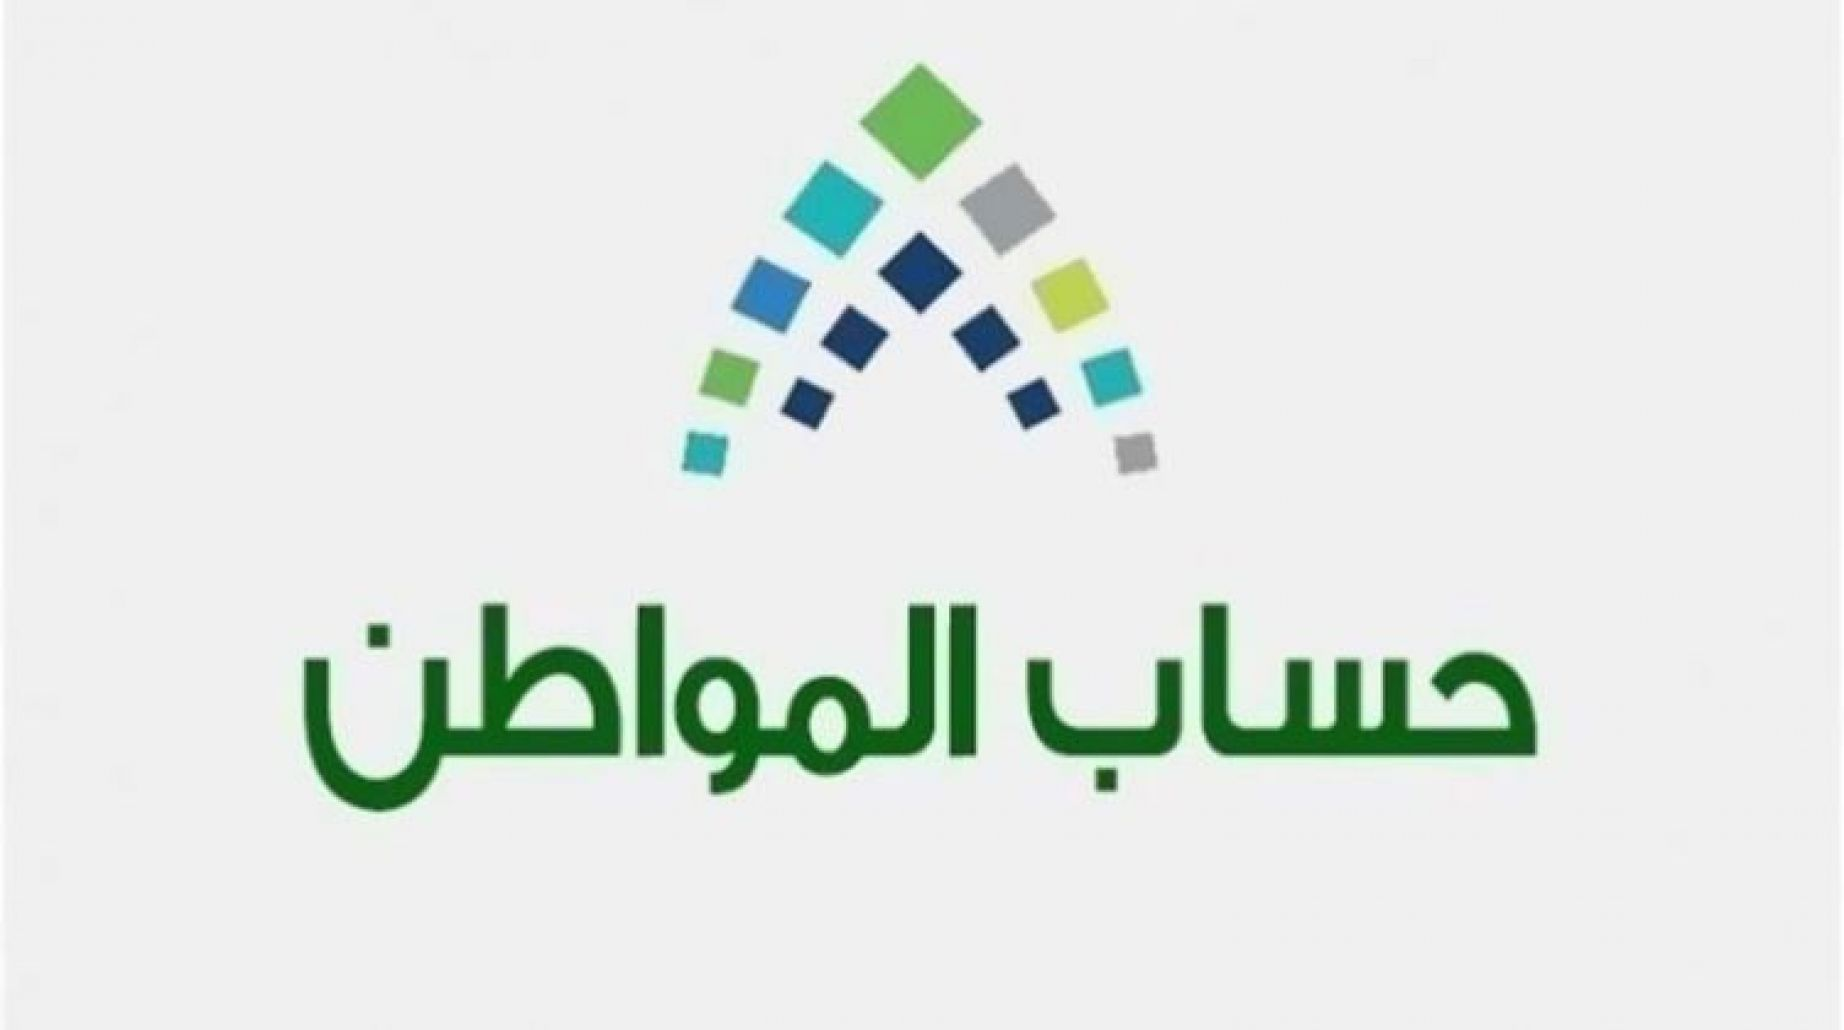 حل مشكلة تعليق الدفعات في حساب المواطن بالسعودية